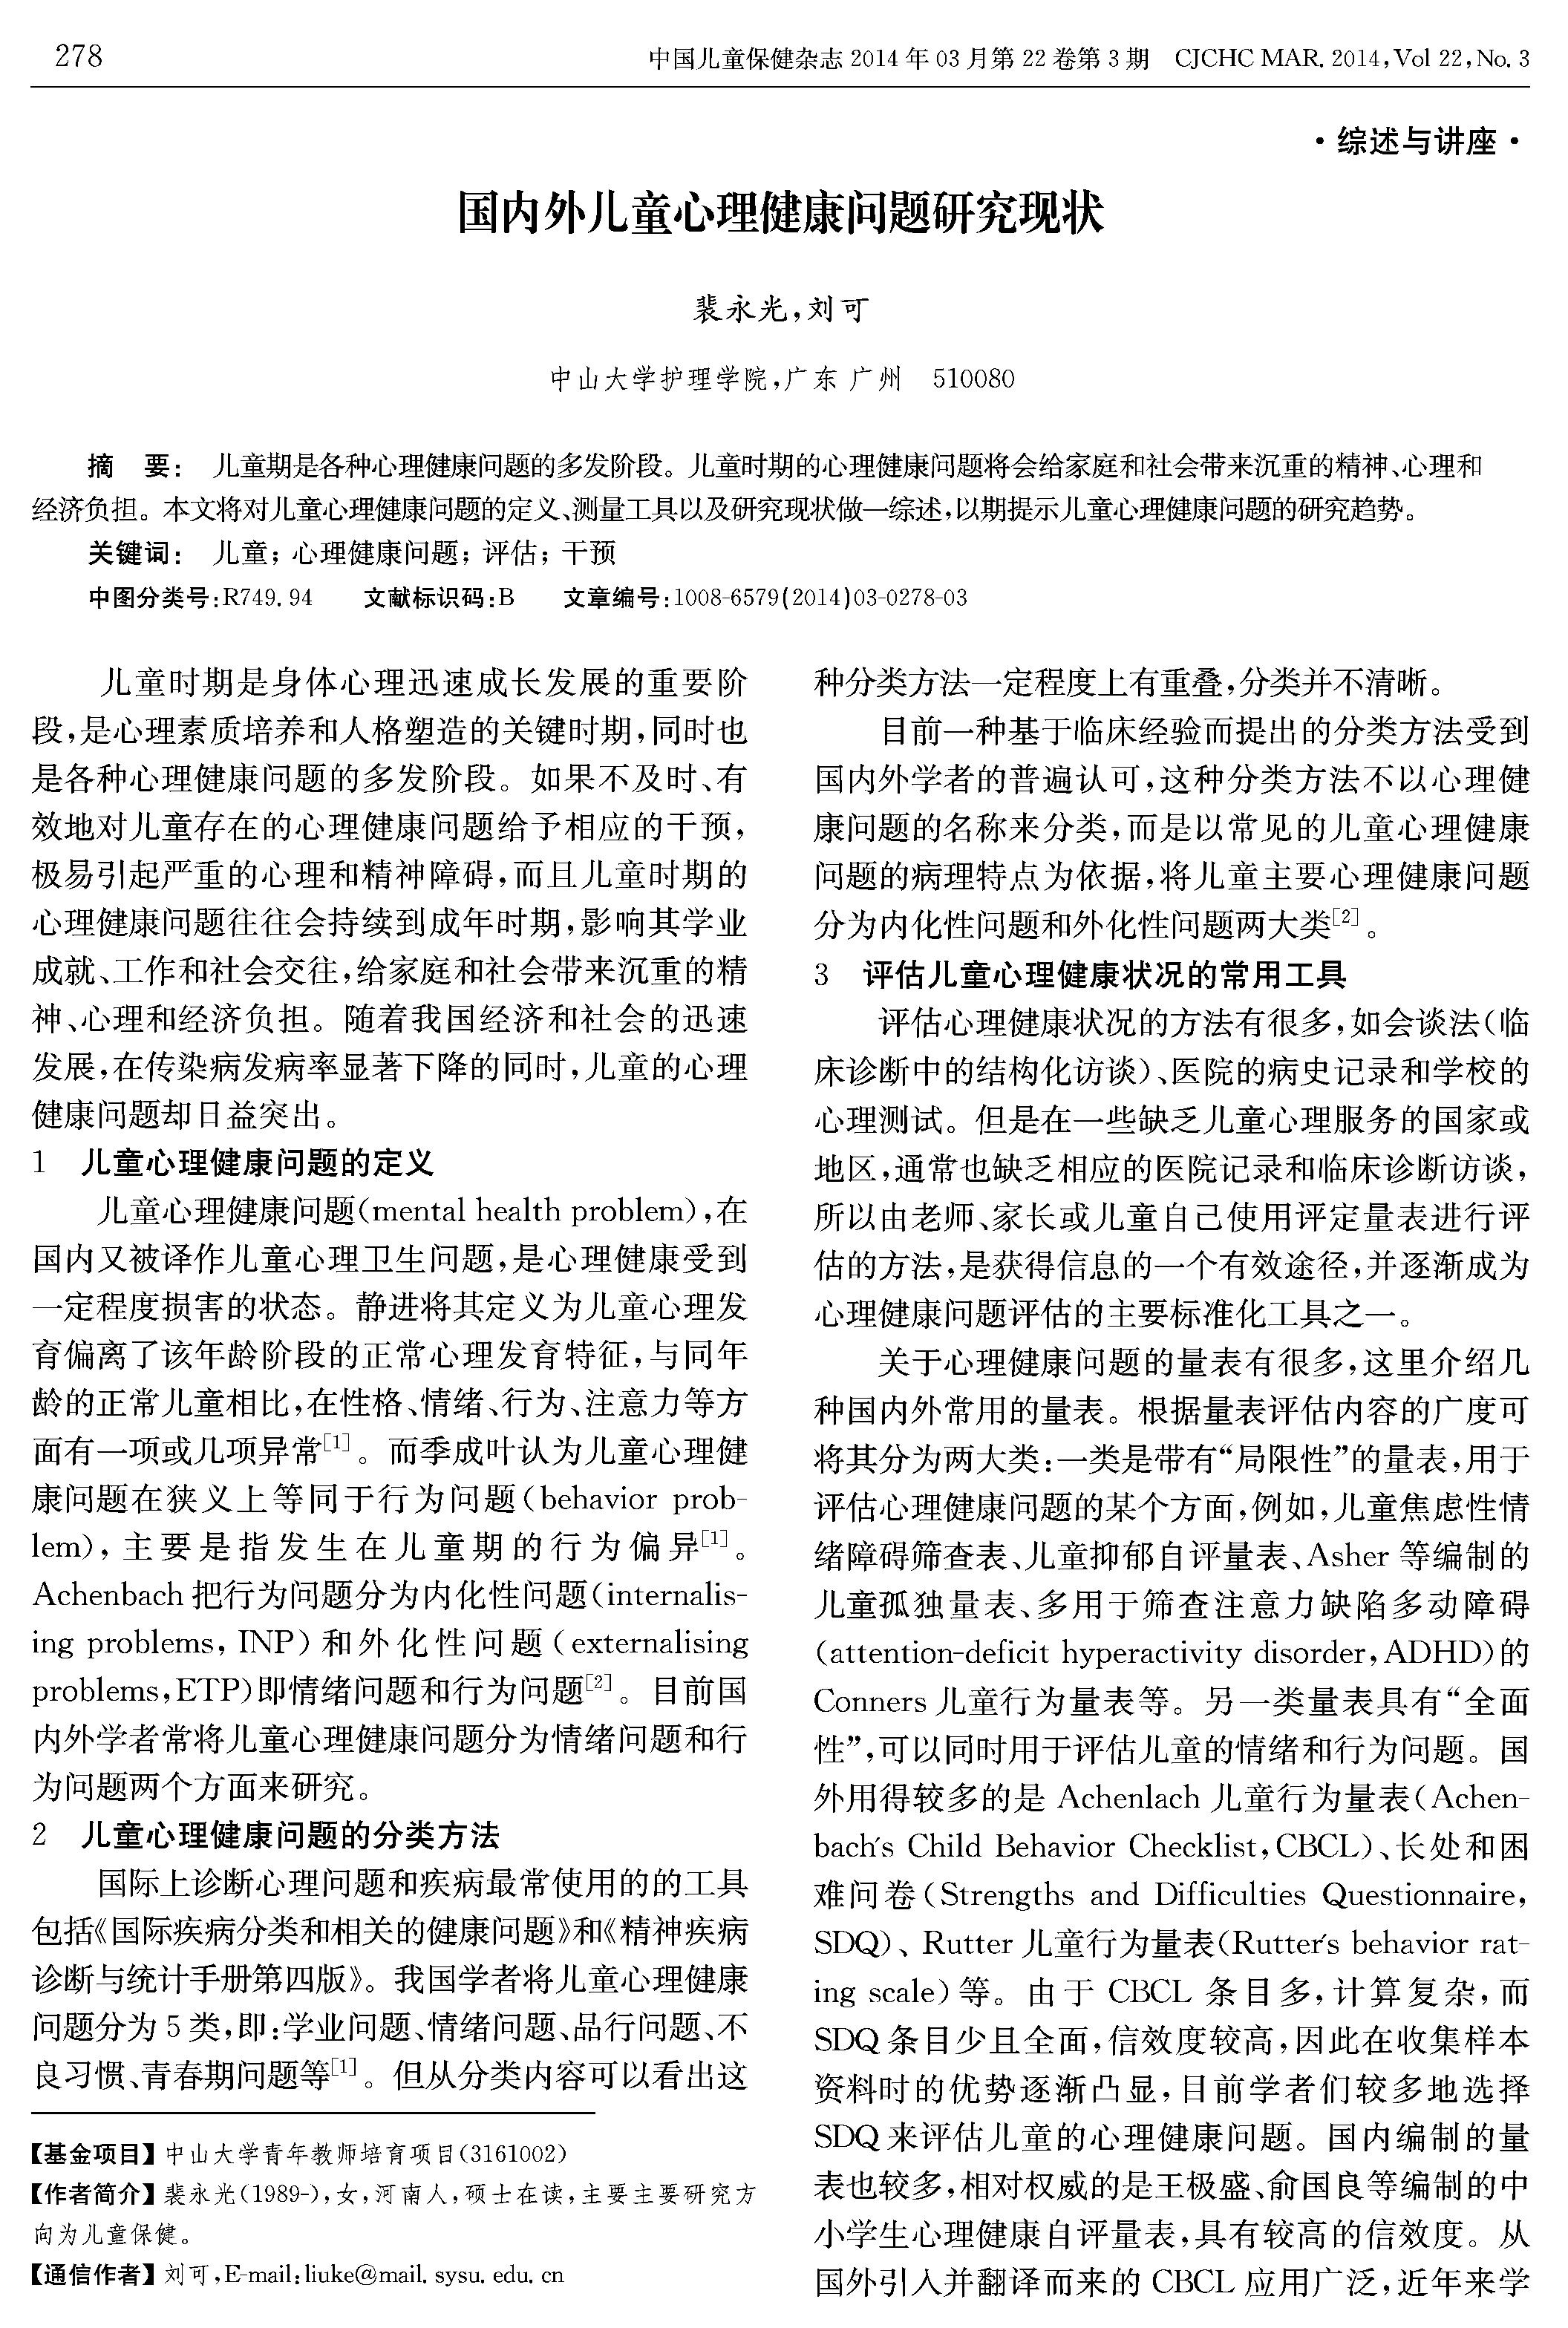 国内外儿童心理健康问题研究现状.c